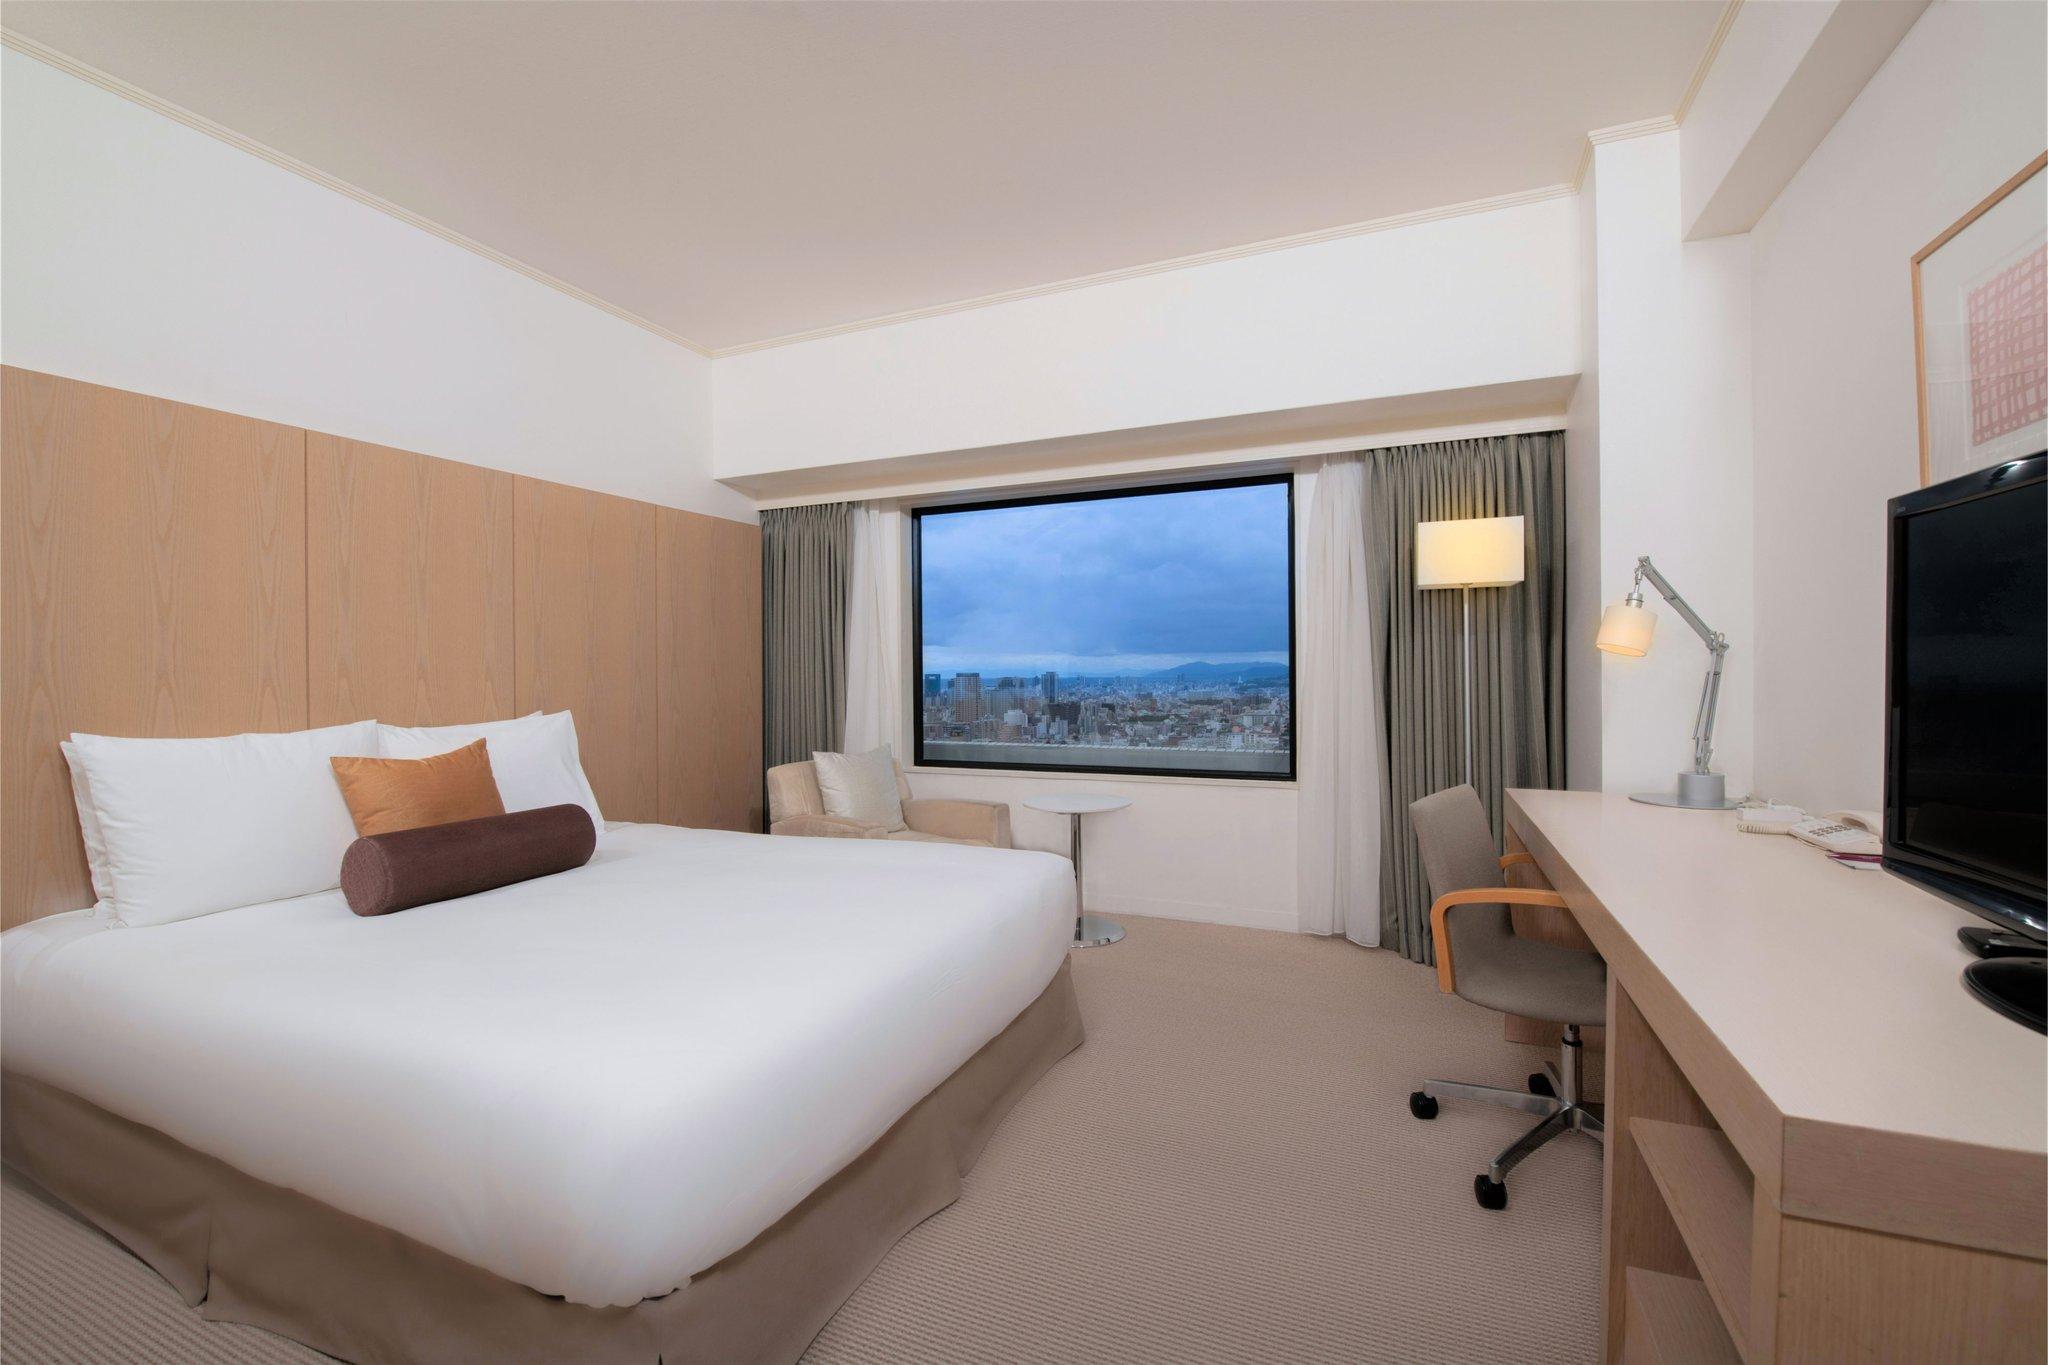 プラザ 神戸 ホテル クラウン ana